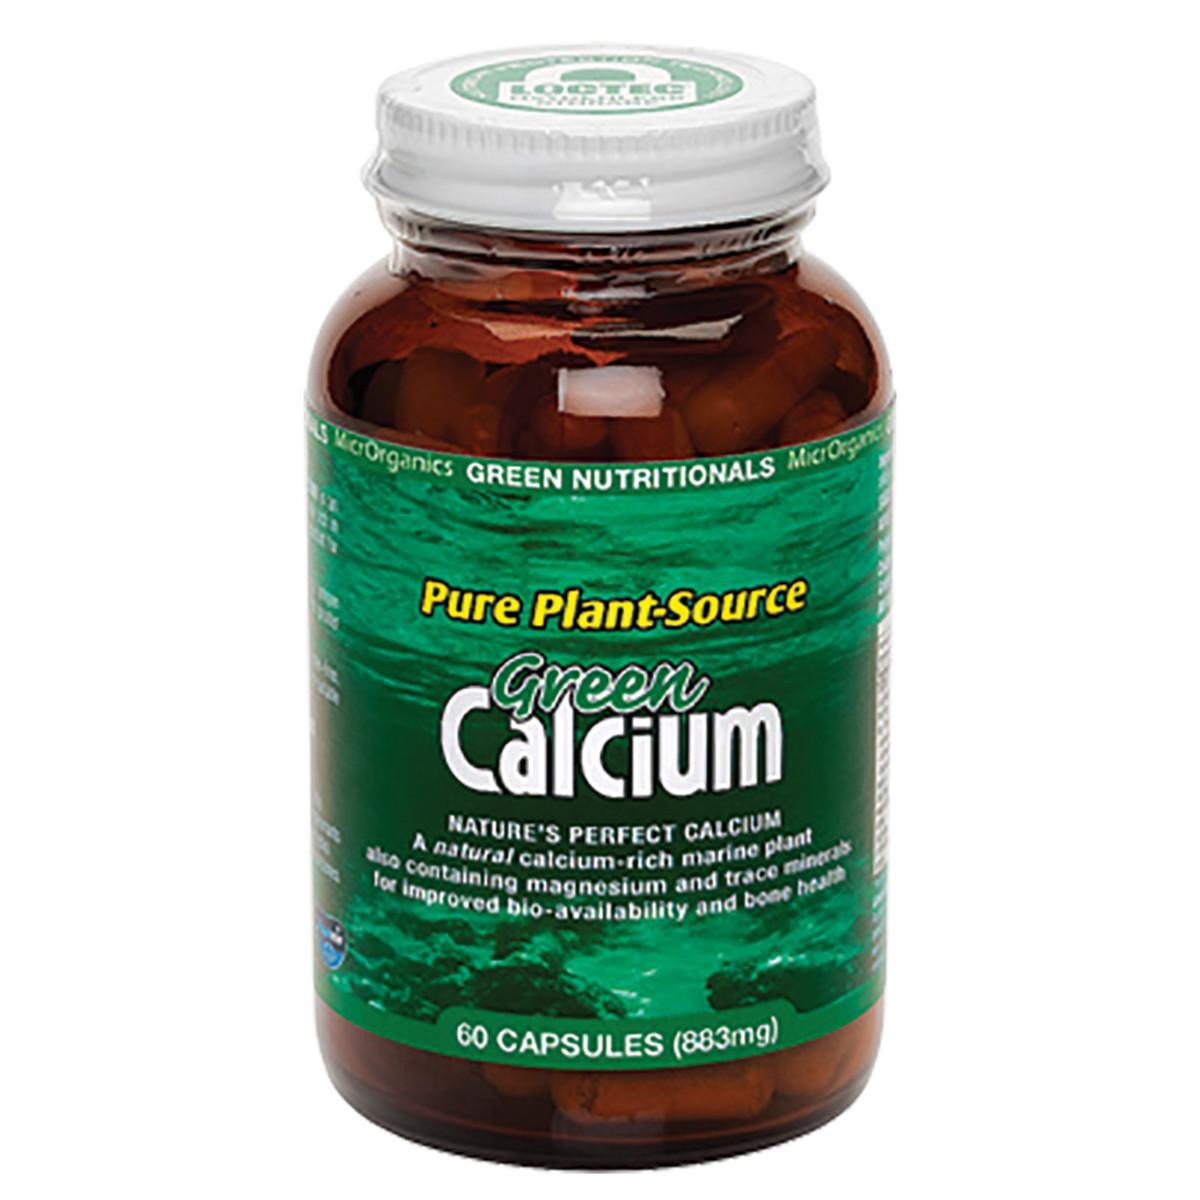 MICRORGANICS GREEN NUTRITIONALS GREEN CALCIUM 60C